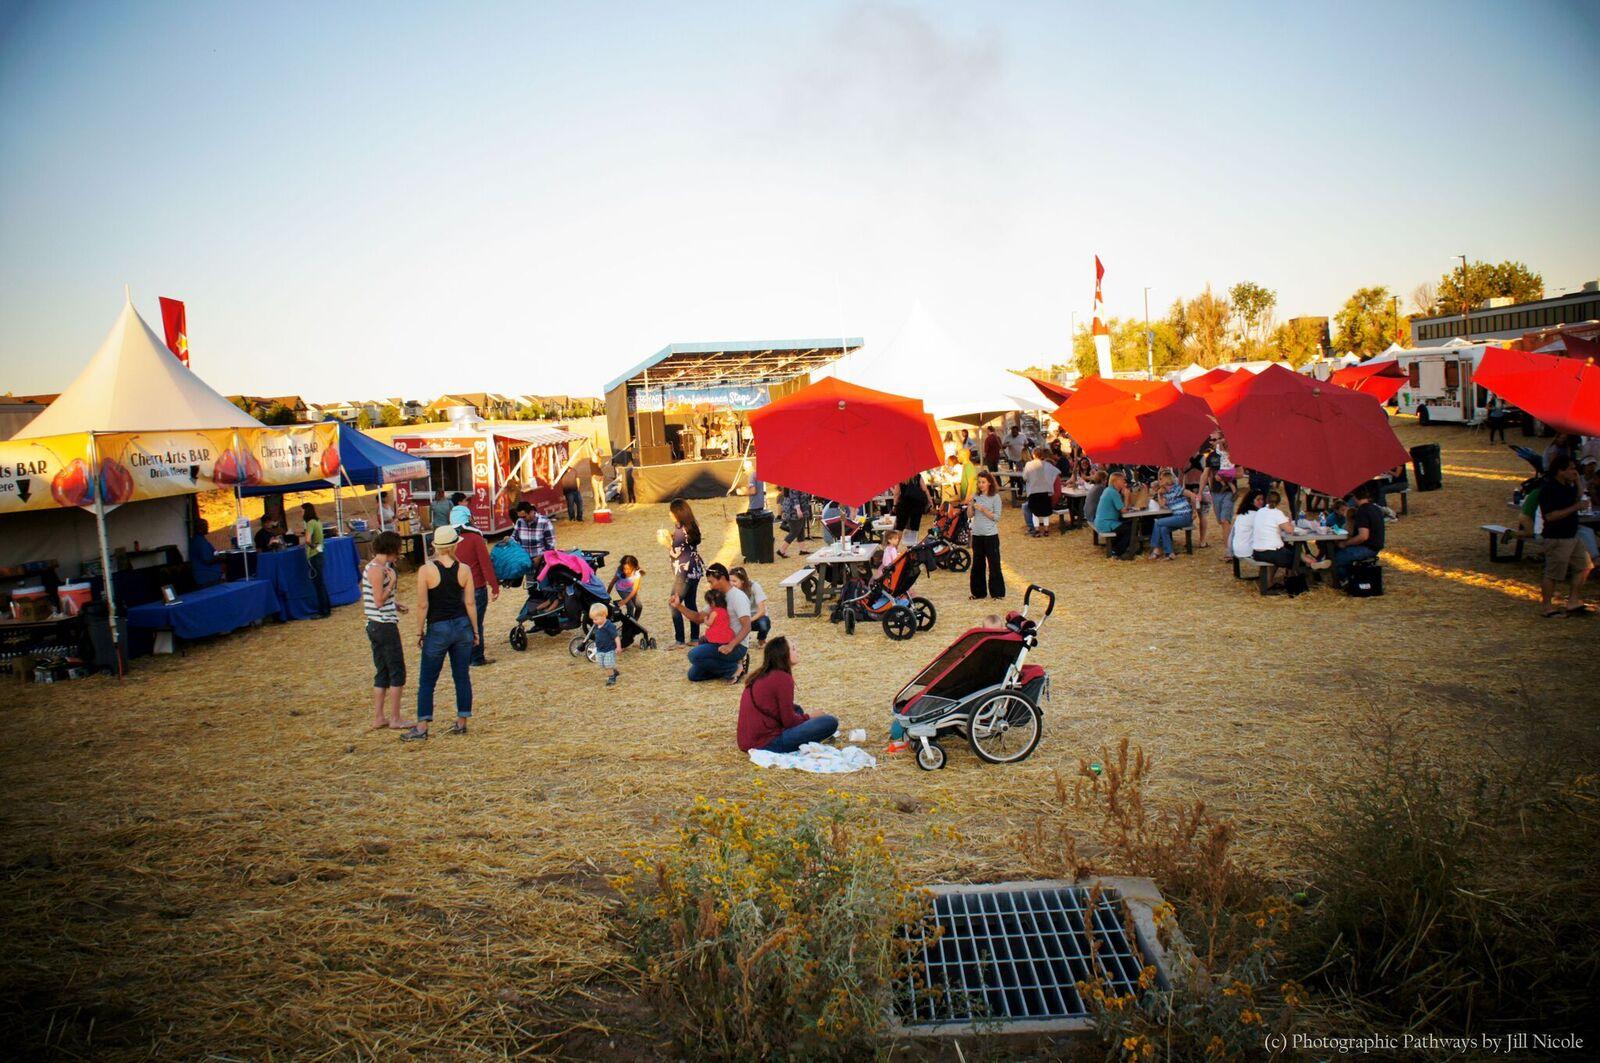 CherryArts Festival at Stanley